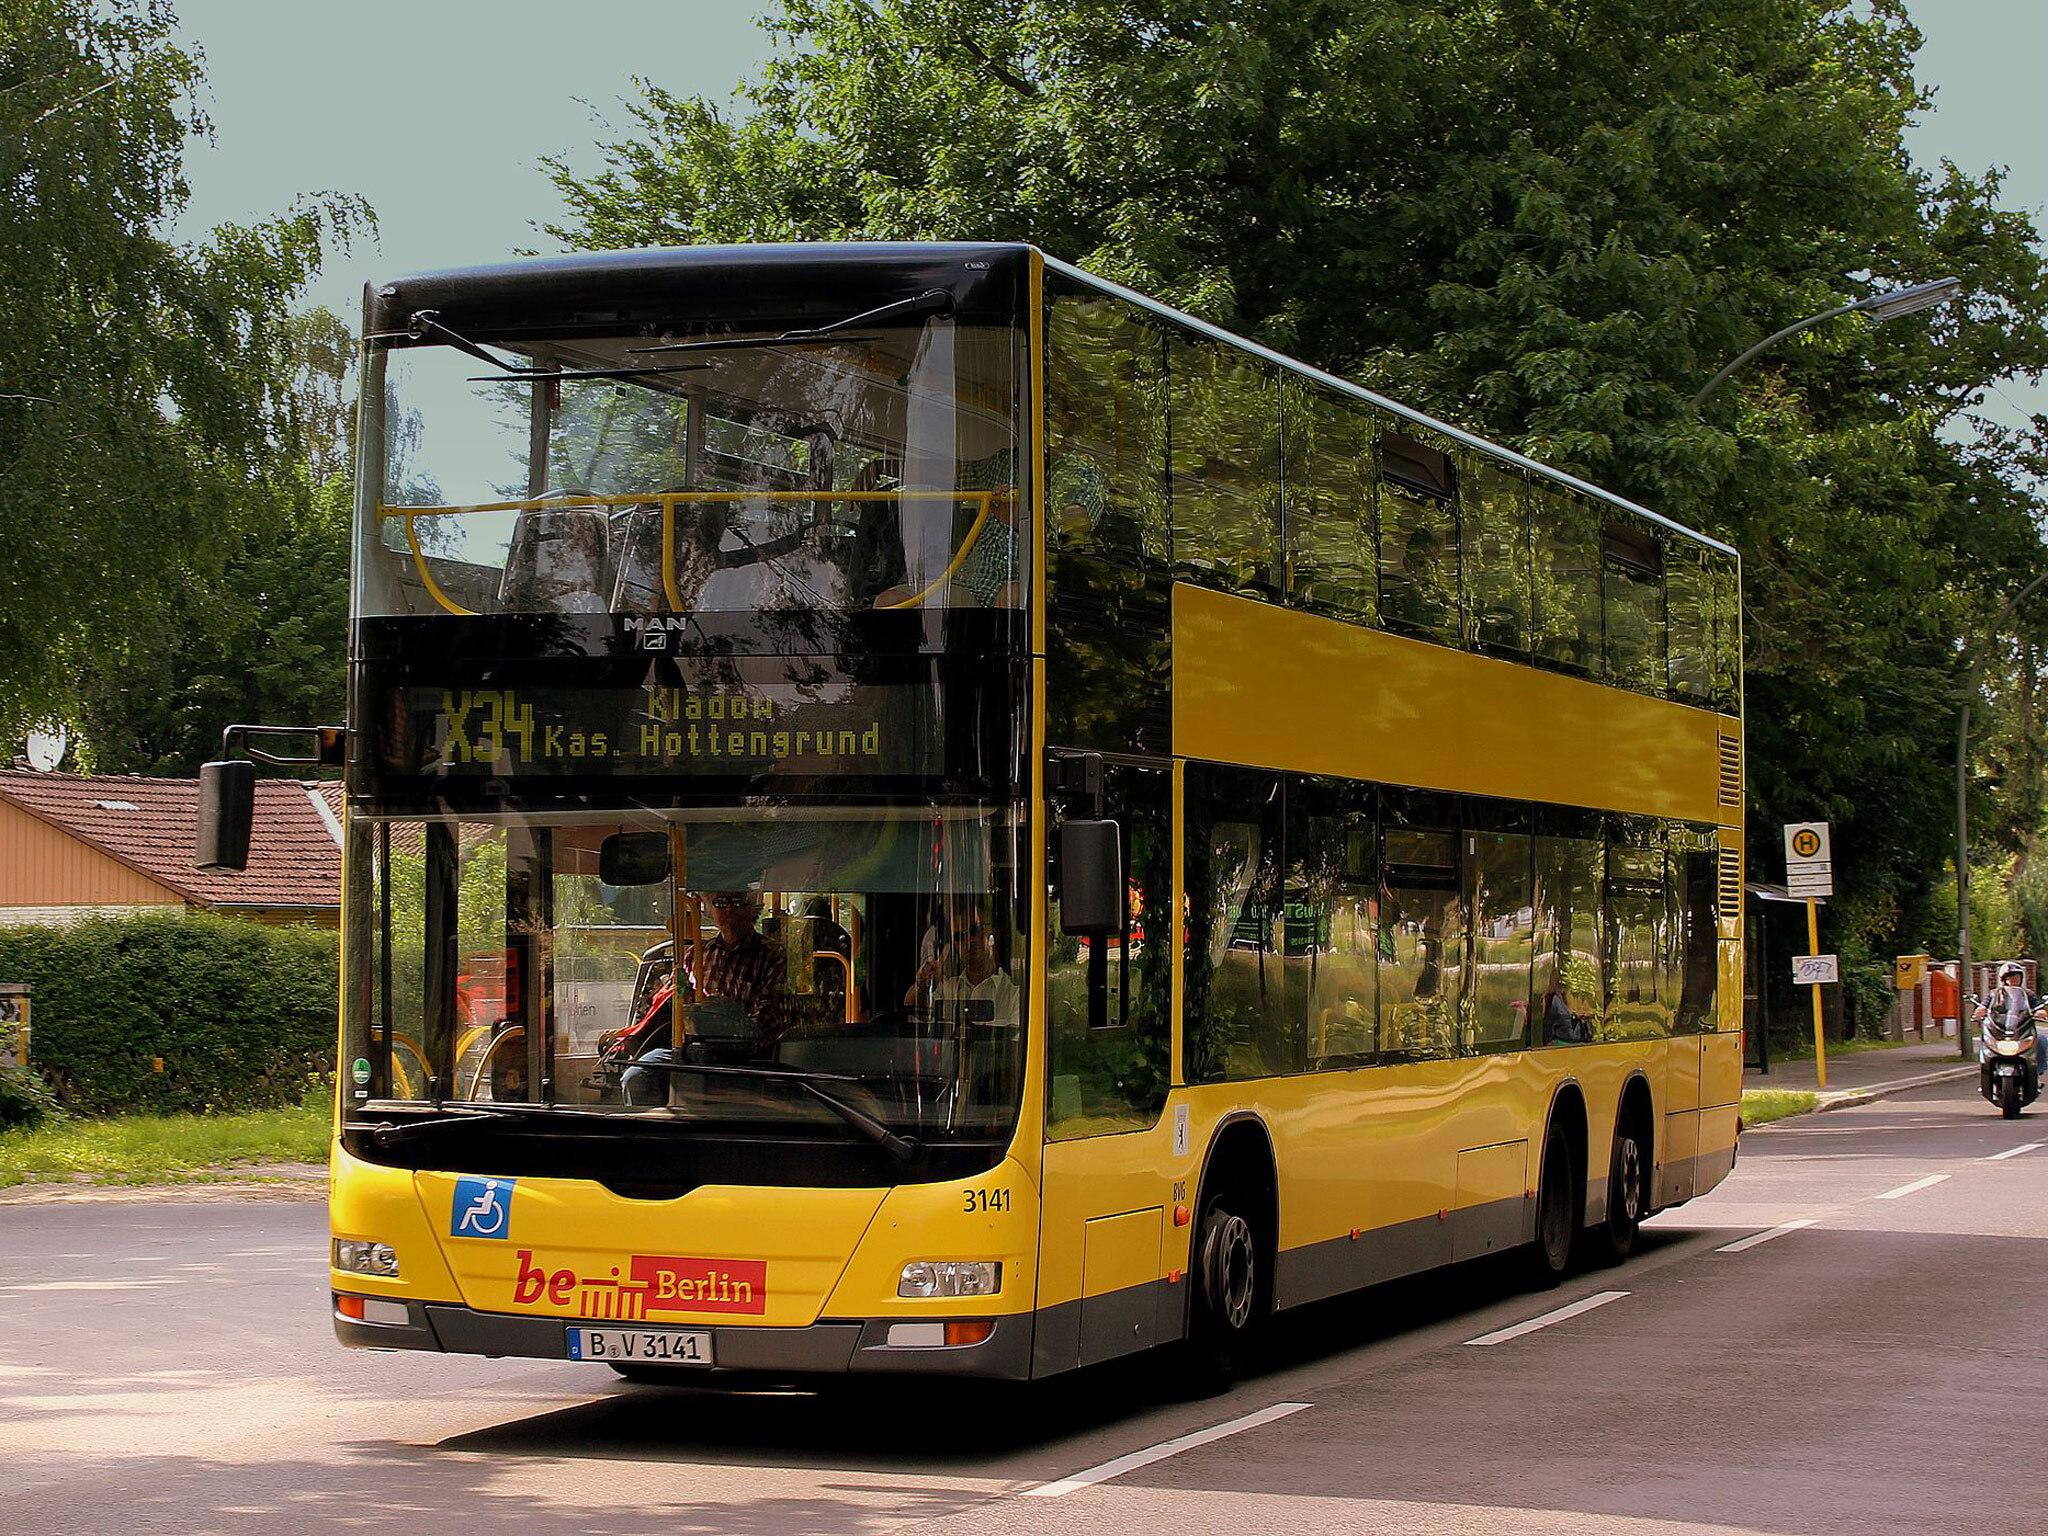 A bus in Berlin